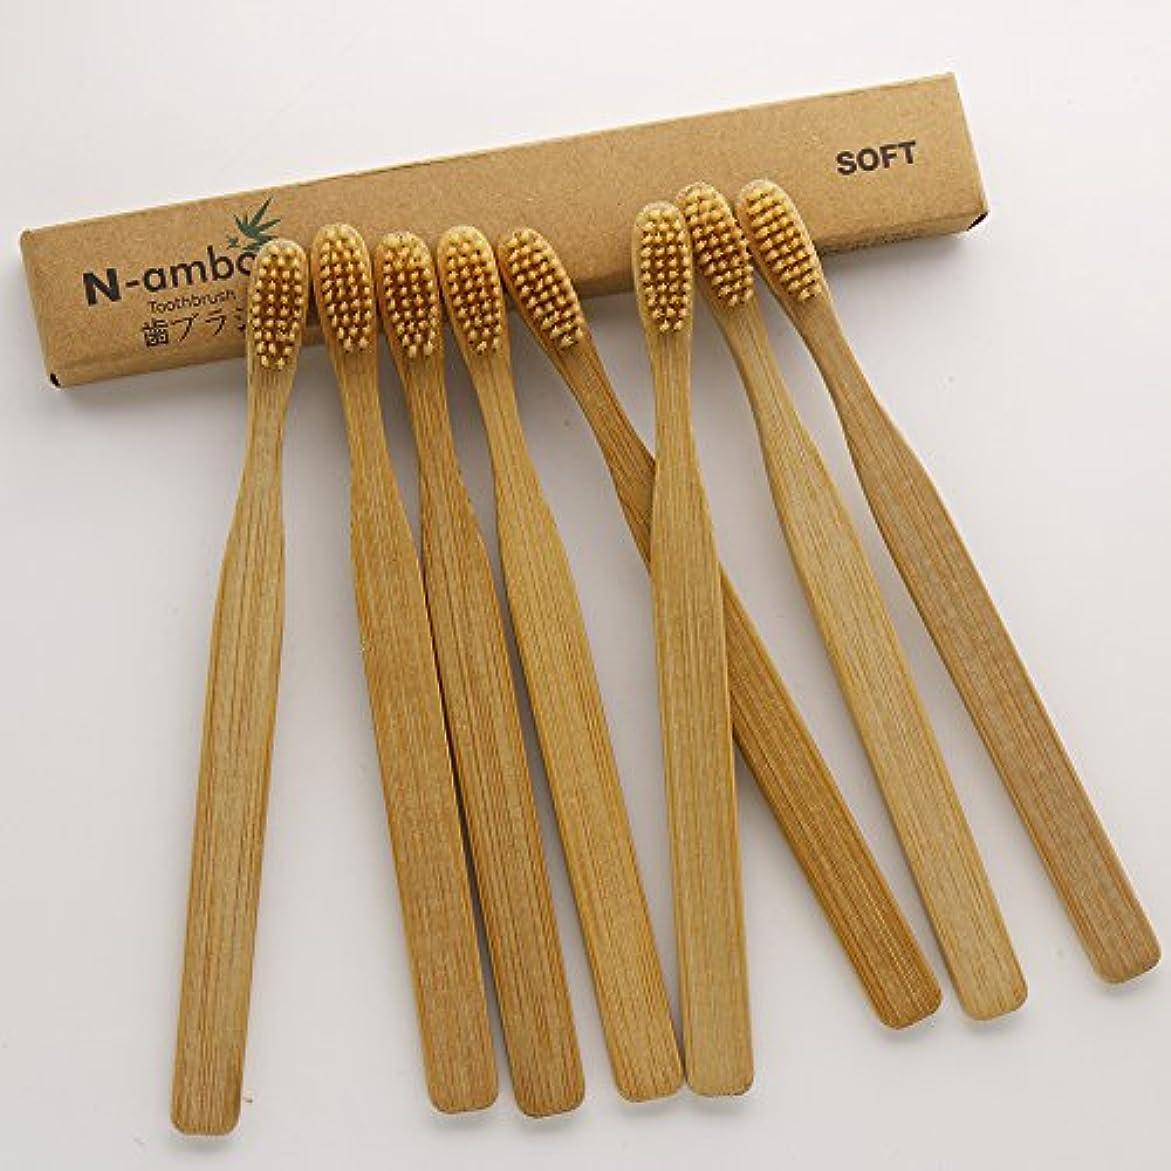 密接にピアノ天才N-amboo 竹製 歯ブラシ 高耐久性 セット エコ ハンドル大きめ ベージュ (8本)